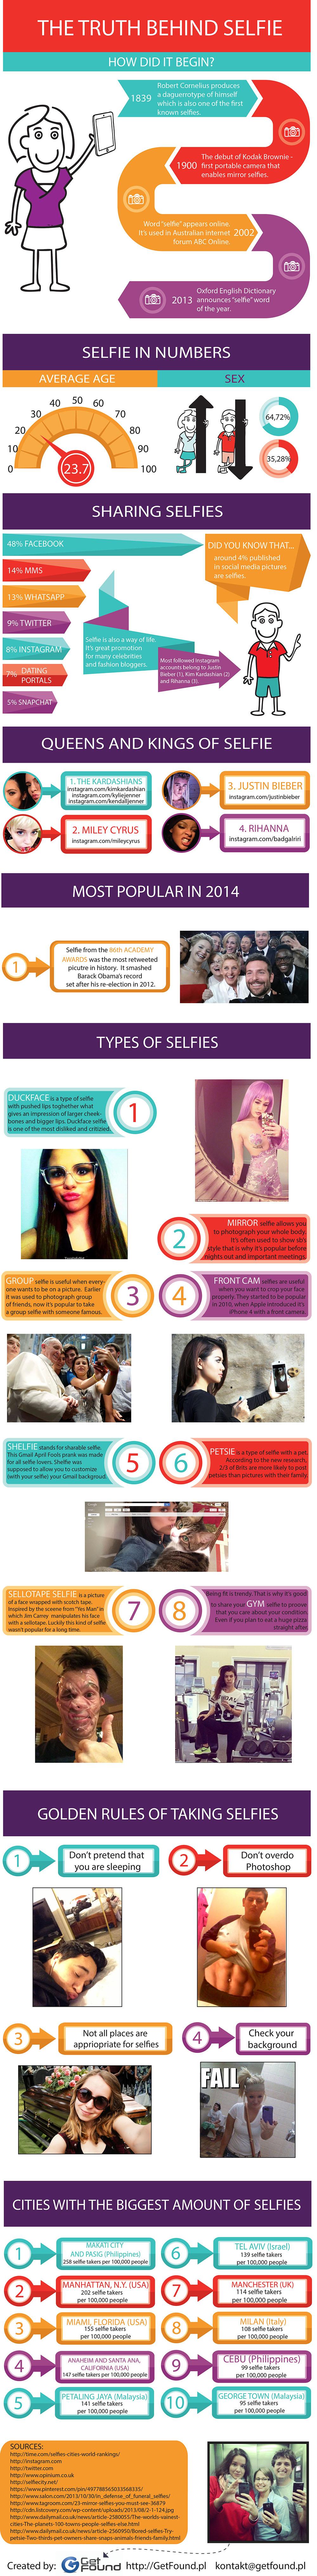 the truth behind selfie